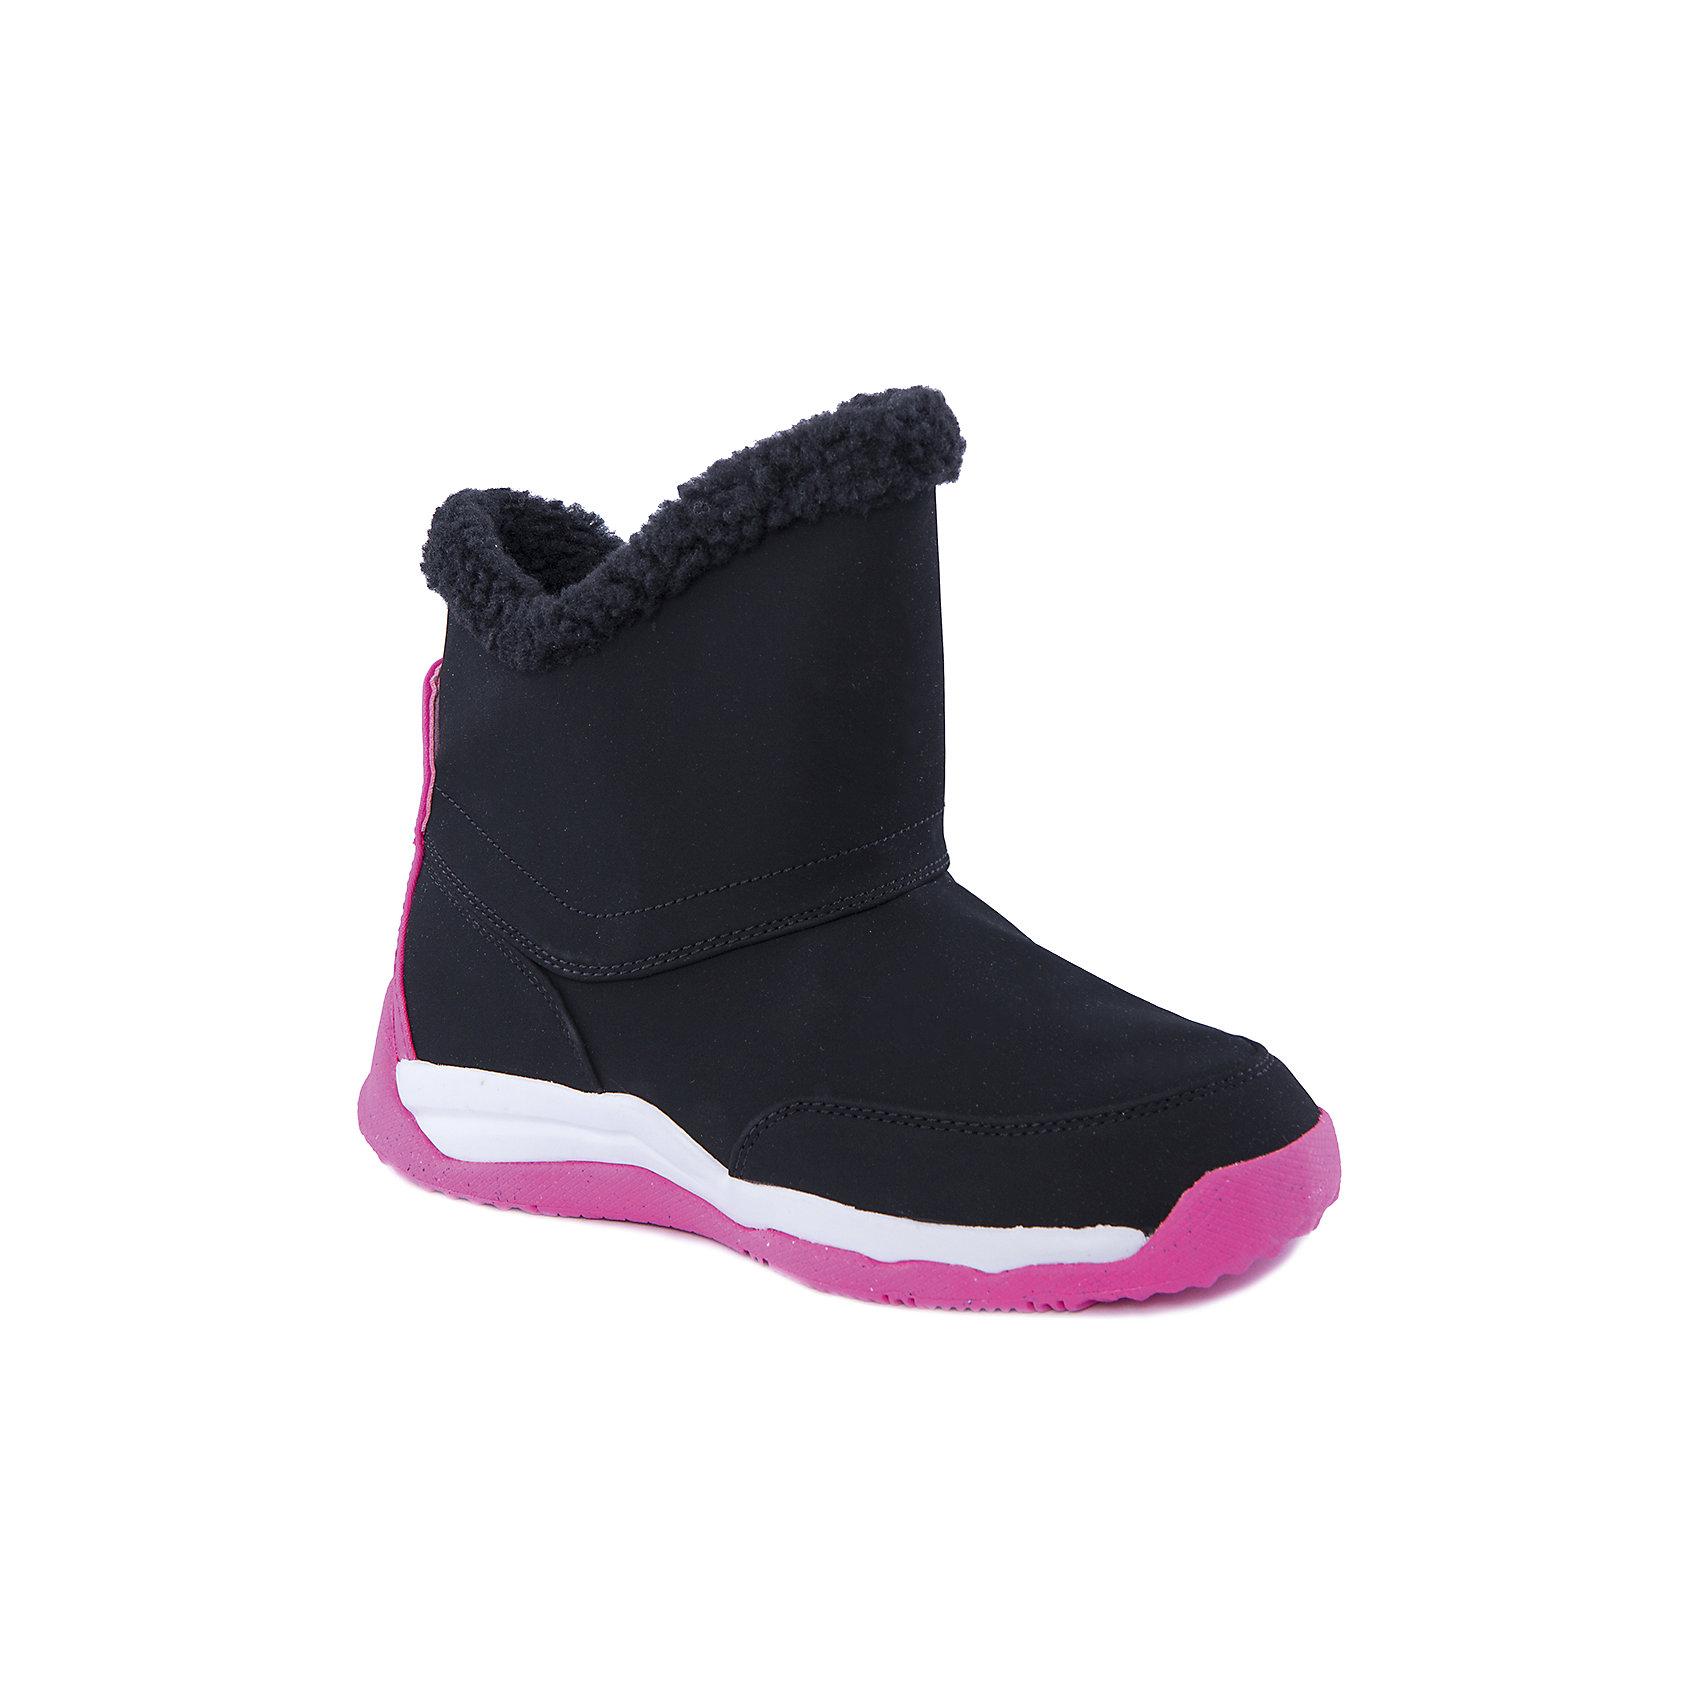 Сапоги для девочки CHUKKA MOC 2 WIDE NIKEБотинки<br>Легкие и теплые демисезонные ботинки для девочки CHUKKA MOC 2 WIDE от известной марки NIKE. Изделие предназначено для повседневной носки при температуре воздуха от -5 до +10 градусов и обладает следующими особенностями:<br>- яркая расцветка, привлекательный дизайн;<br>- закругленный мыс;<br>- удобная застежка-молния сбоку;<br>- укрепленный задник;<br>- мягкая подкладка;<br>- удобная стелька;<br>- легкая подошва, обеспечивающая отличное сцепление с любой поверхностью.<br> <br>Состав:<br>верх: 51% синтетика, 49% текстиль<br>подкладка: 100% текстиль<br>подошва: 100% резина<br><br>Ботинки для девочки CHUKKA MOC 2 WIDE  от NIKE (Найк) можно купить в нашем магазине<br><br>Ширина мм: 250<br>Глубина мм: 150<br>Высота мм: 150<br>Вес г: 250<br>Цвет: черный<br>Возраст от месяцев: 132<br>Возраст до месяцев: 144<br>Пол: Женский<br>Возраст: Детский<br>Размер: 35.5,35,37,37.5,36.5,37,34,34.5<br>SKU: 3865982